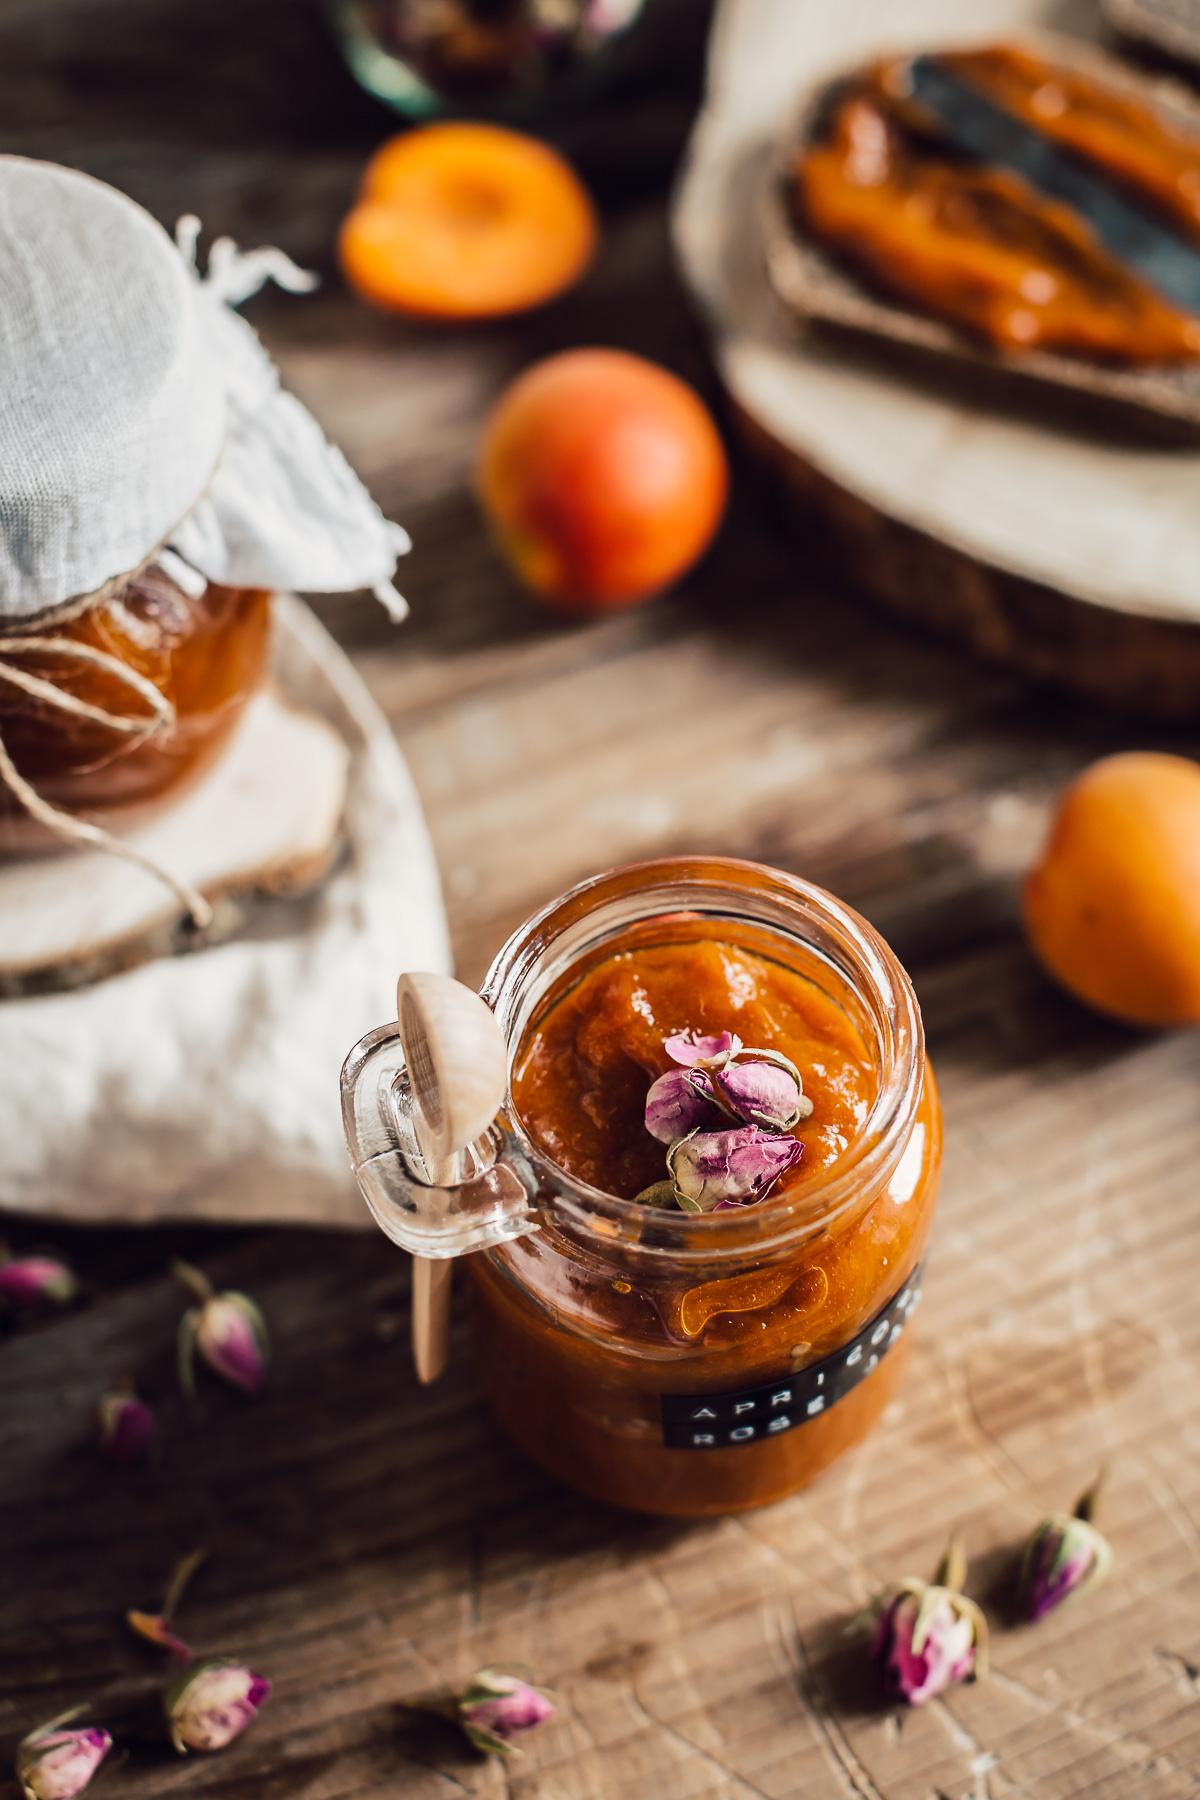 refined sugar free APRICOT JAM with maple syrup and Damascena Rose ricetta CONFETTURA di ALBICOCCHE e sciroppo d acero alle rose di Damasco senza zucchero raffinato ricetta #vegan